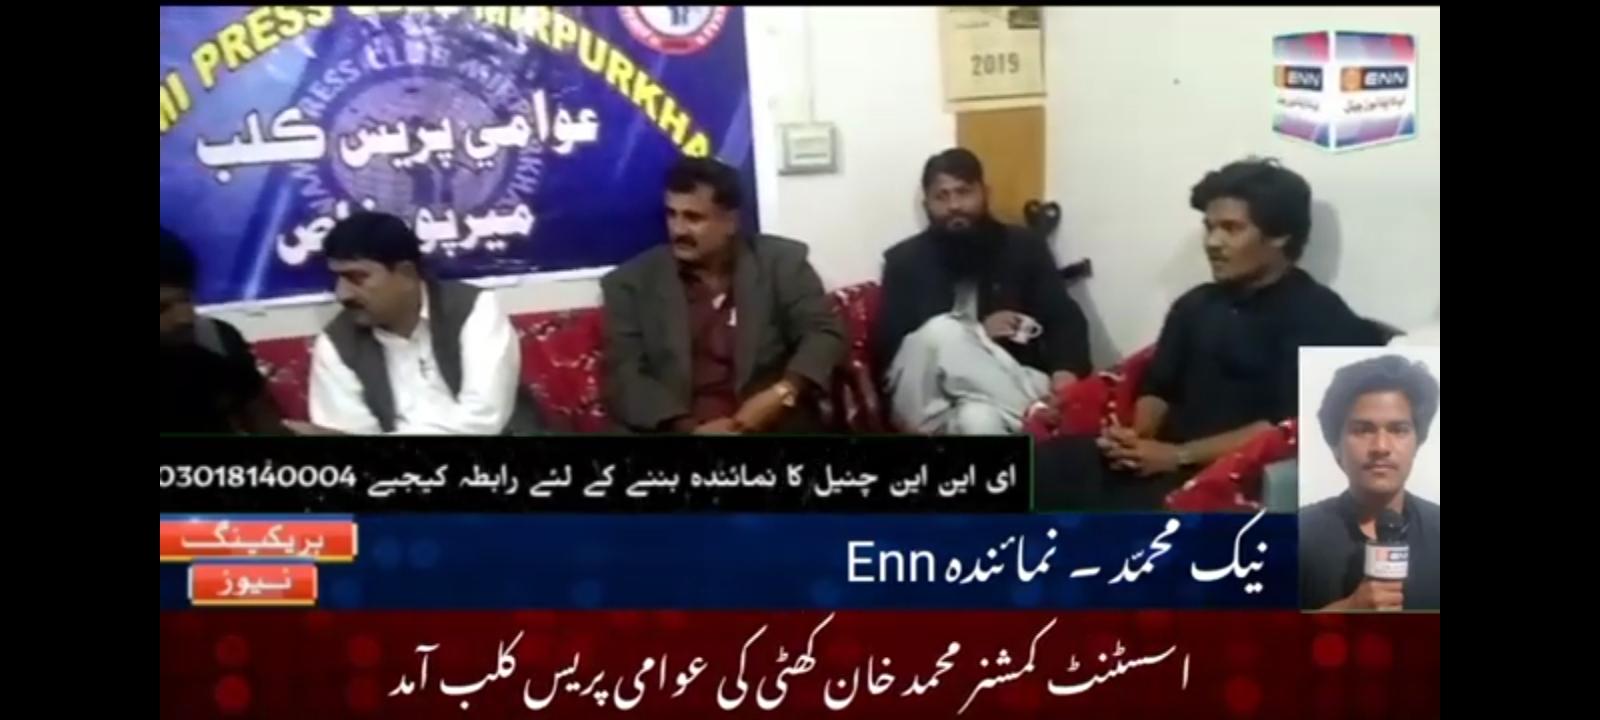 اسسٹنٹ کمشنر محمد خان کھٹی کی عوامی پریس کلب آمد